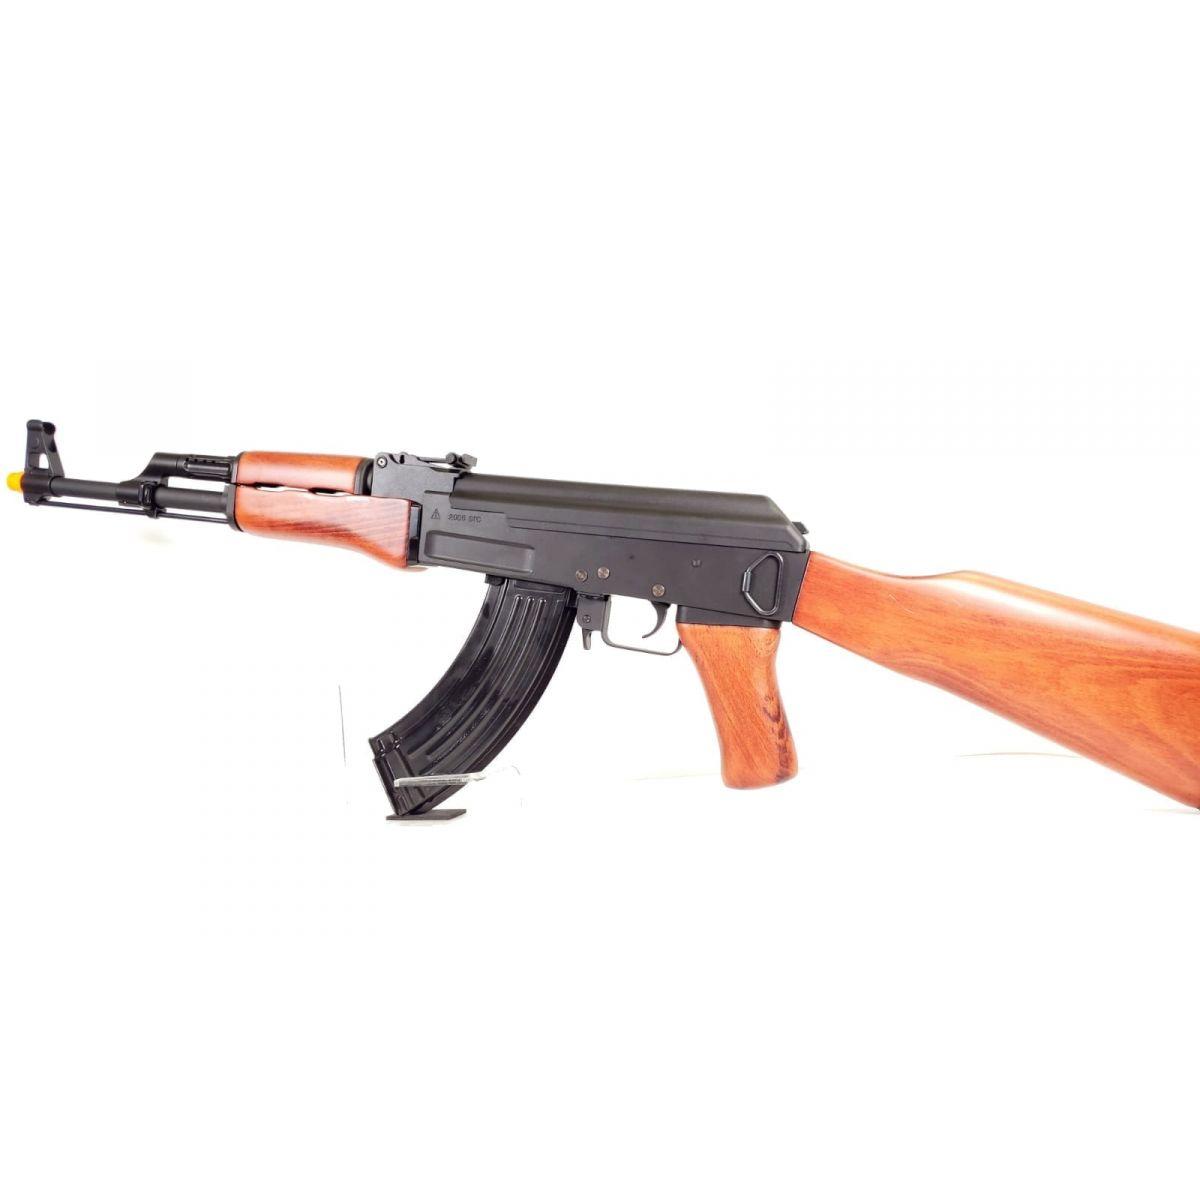 AK47 Full Metal Airsoft Wooden Version